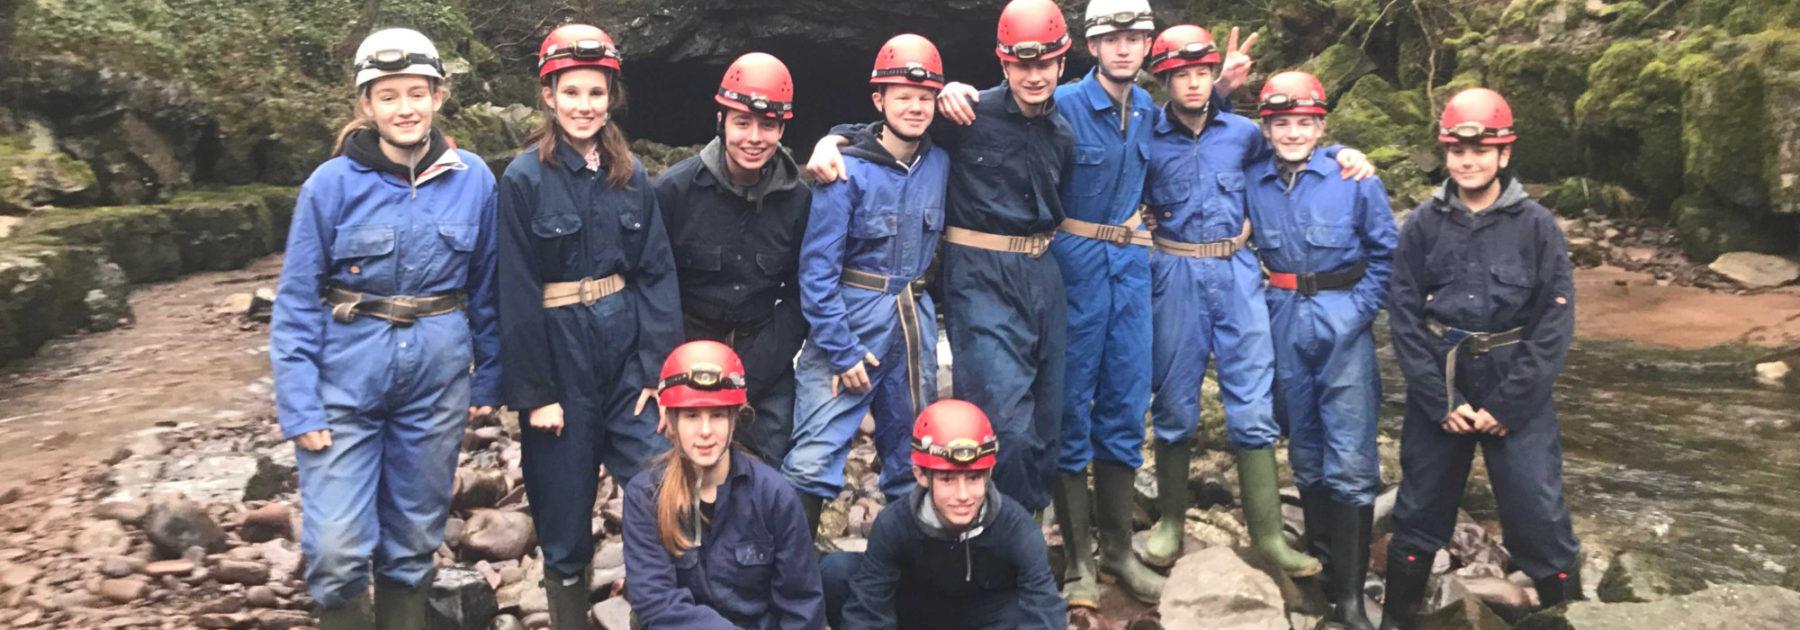 CCF Adventure Training Camp